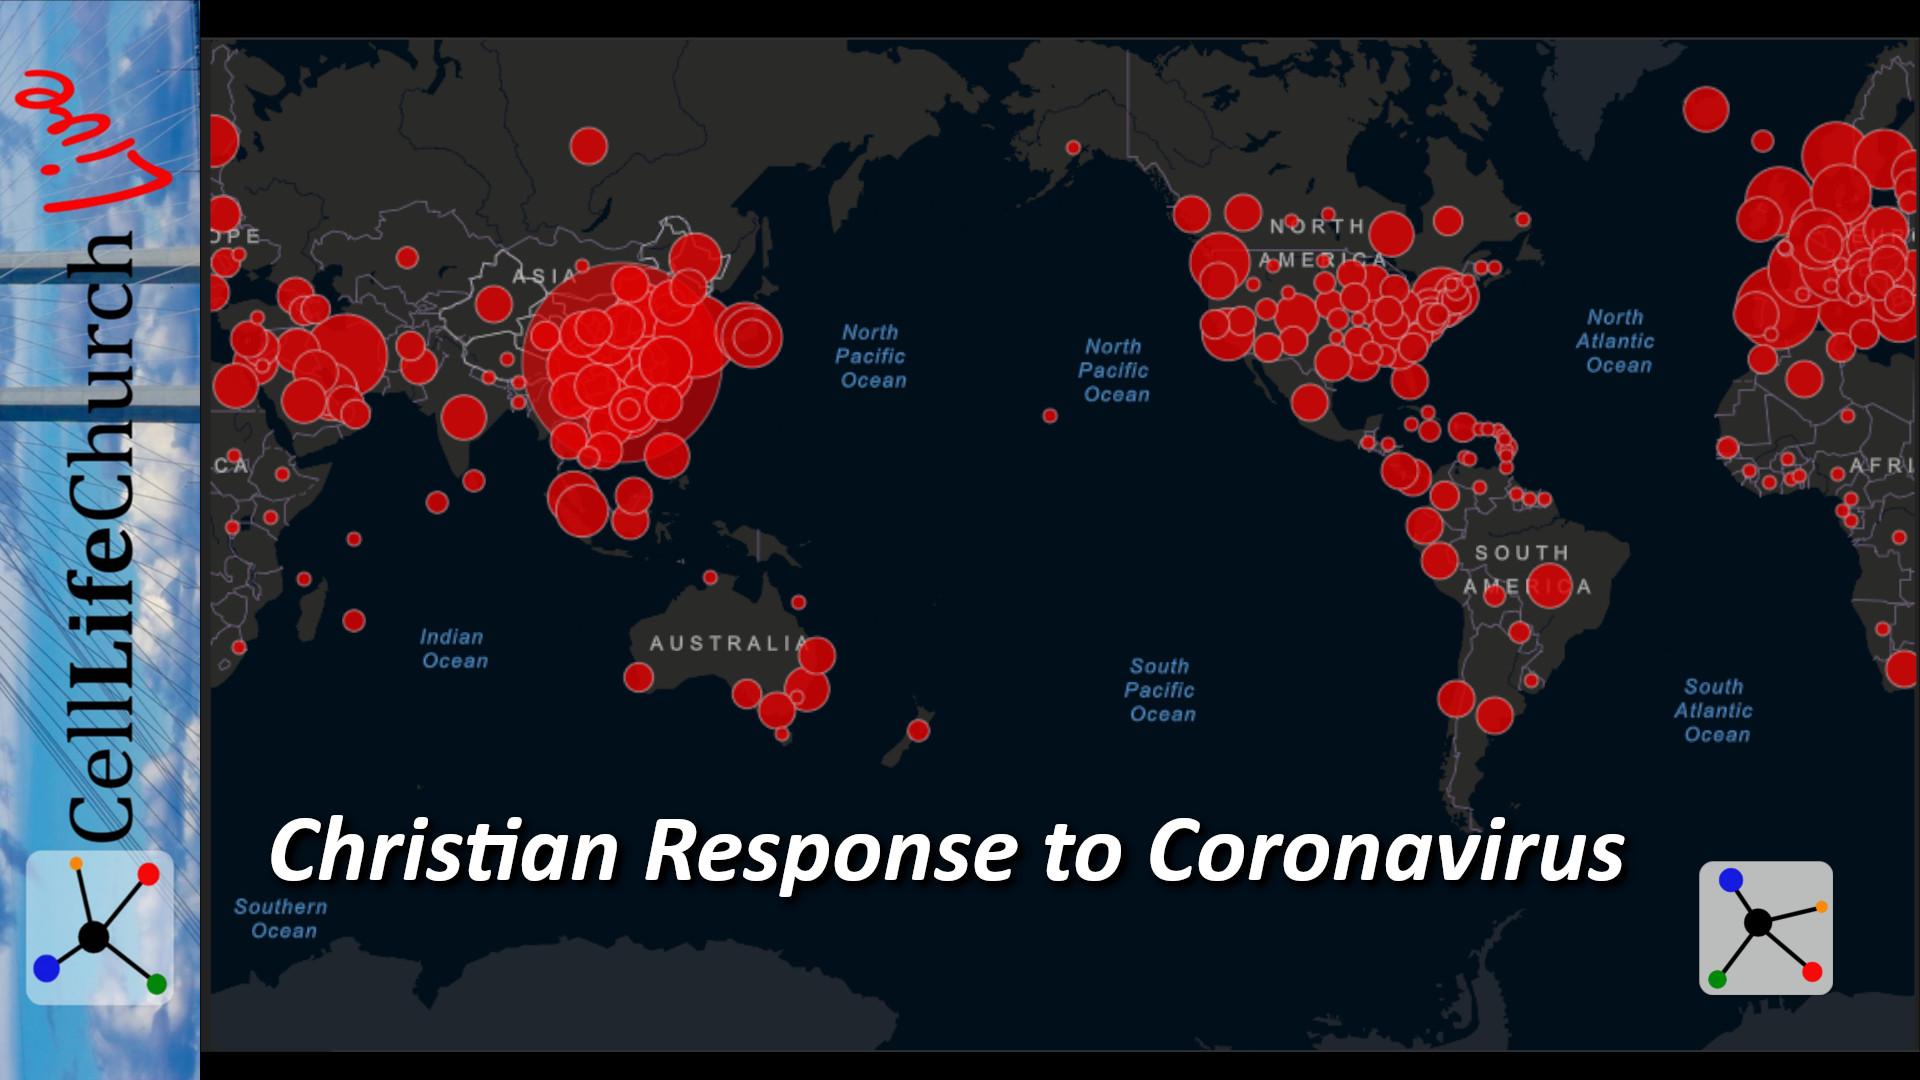 Christian Response to Coronavirus